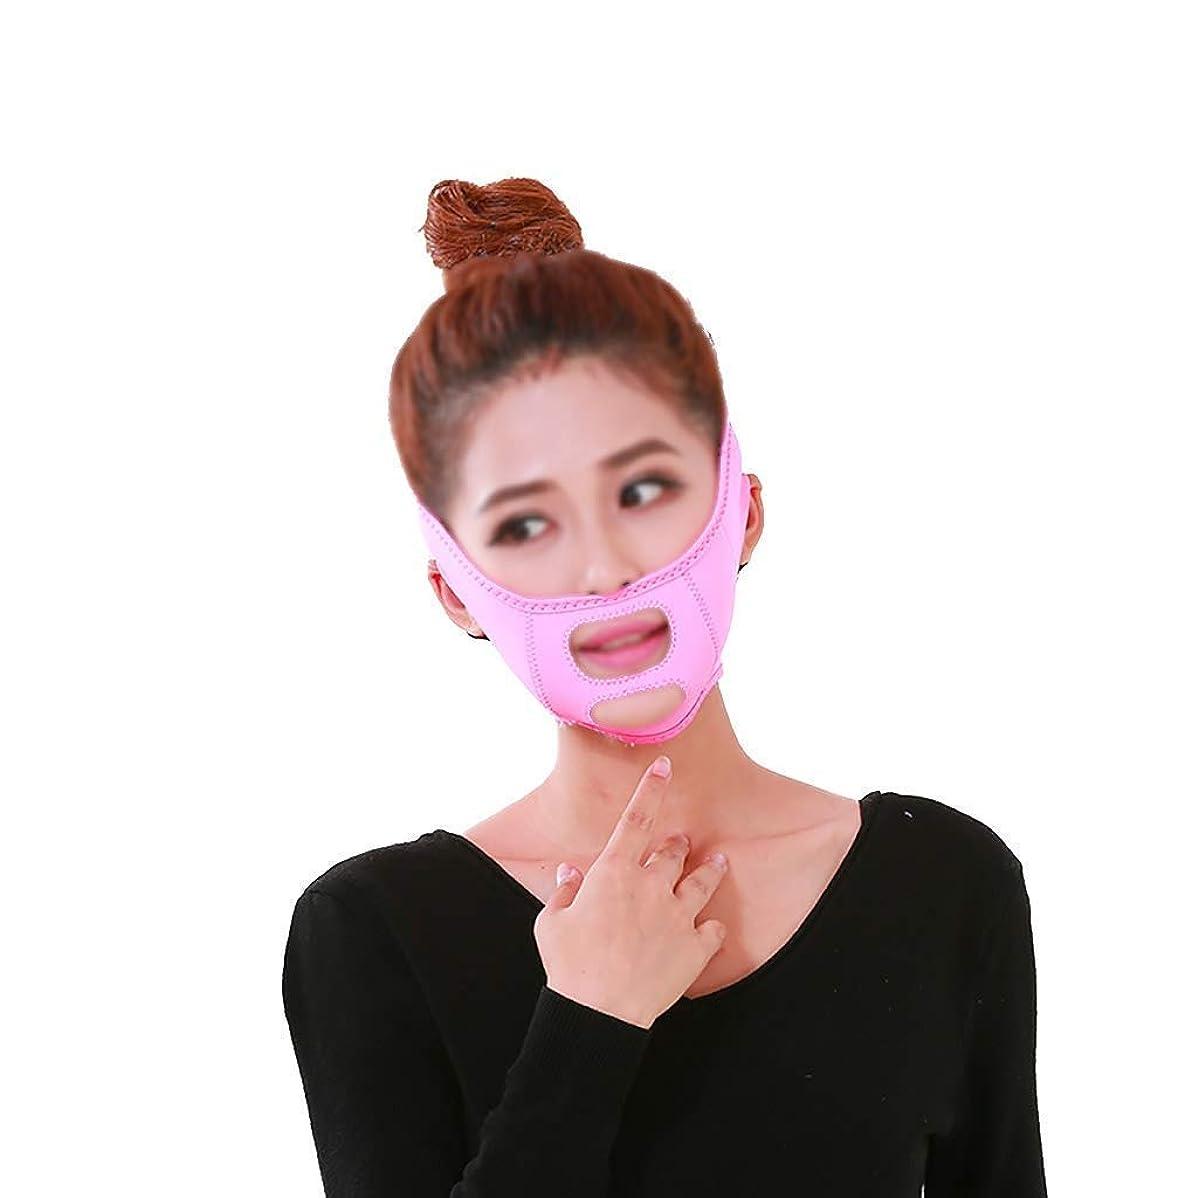 見捨てられたレスリング望ましいフェイスリフトフェイシャル、フェイシャルマスクVフェイスマスクタイトで肌のリラクゼーションを防止Vフェイスアーティファクトフェイスリフトバンデージフェイスケア(色:青)